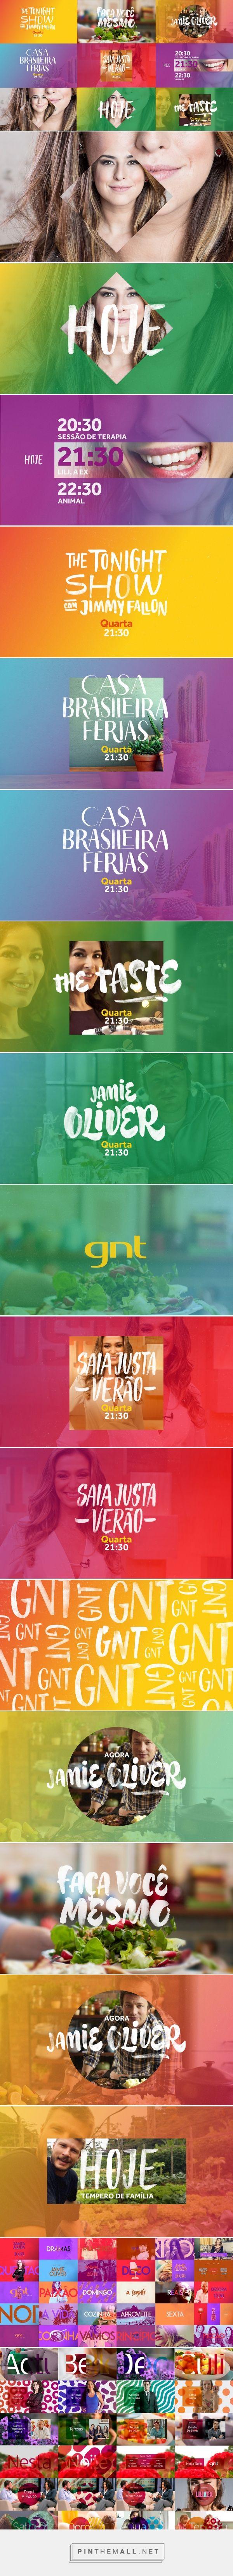 Globosat GNT Channel Branding Refresh